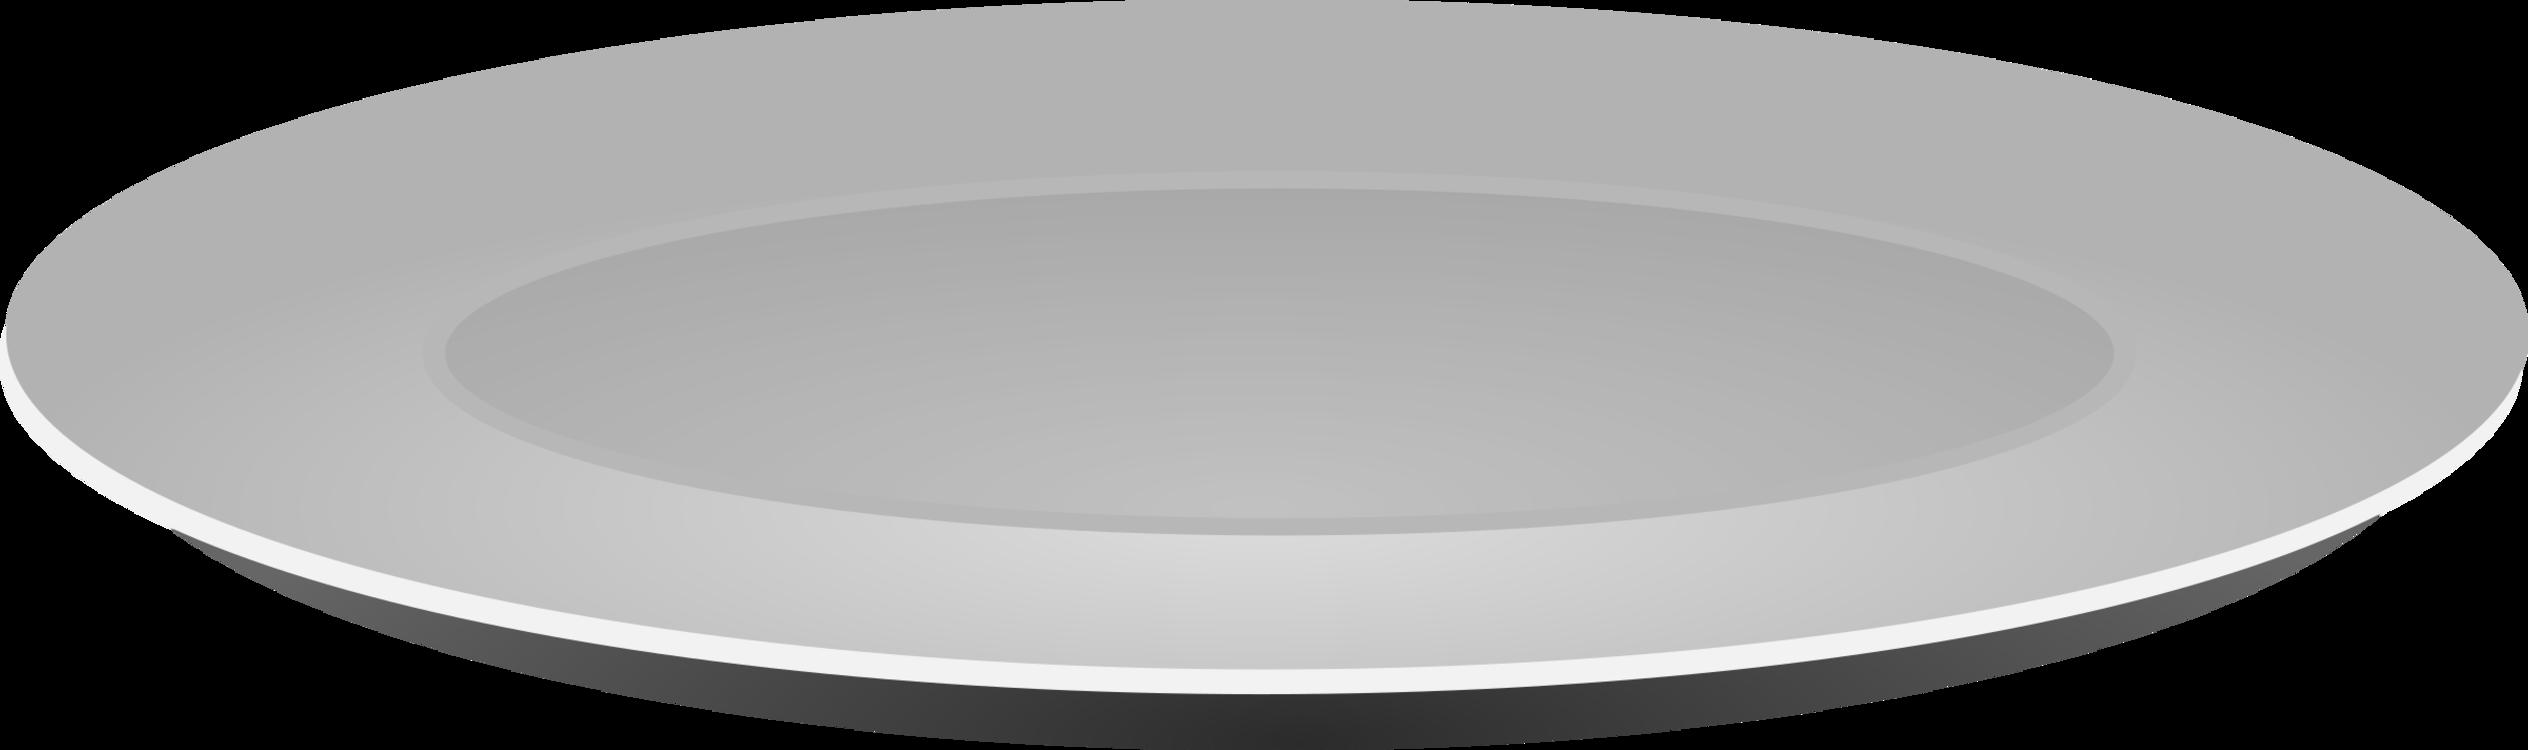 Grey circle clipart svg royalty free stock Dishware,Tableware,Circle Clipart - Royalty Free SVG / Transparent ... svg royalty free stock